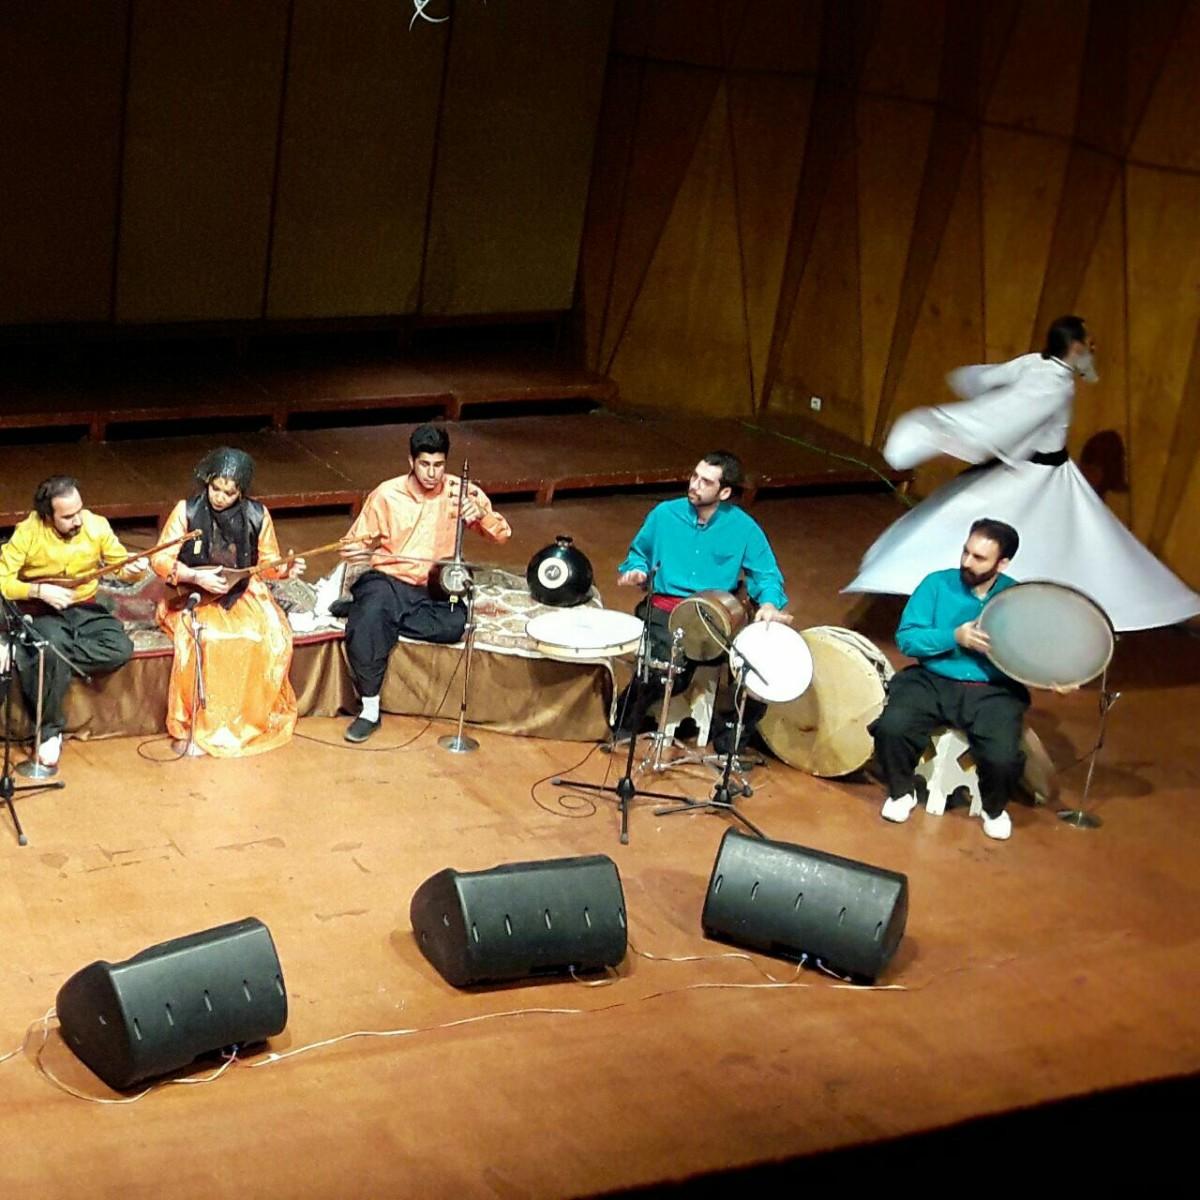 گروه تنبور نوازان چریکه .  جشنواره موسیقی فجر . همراه با رقص سماع .  کردی . سرپرست گروه سلمان حسینی